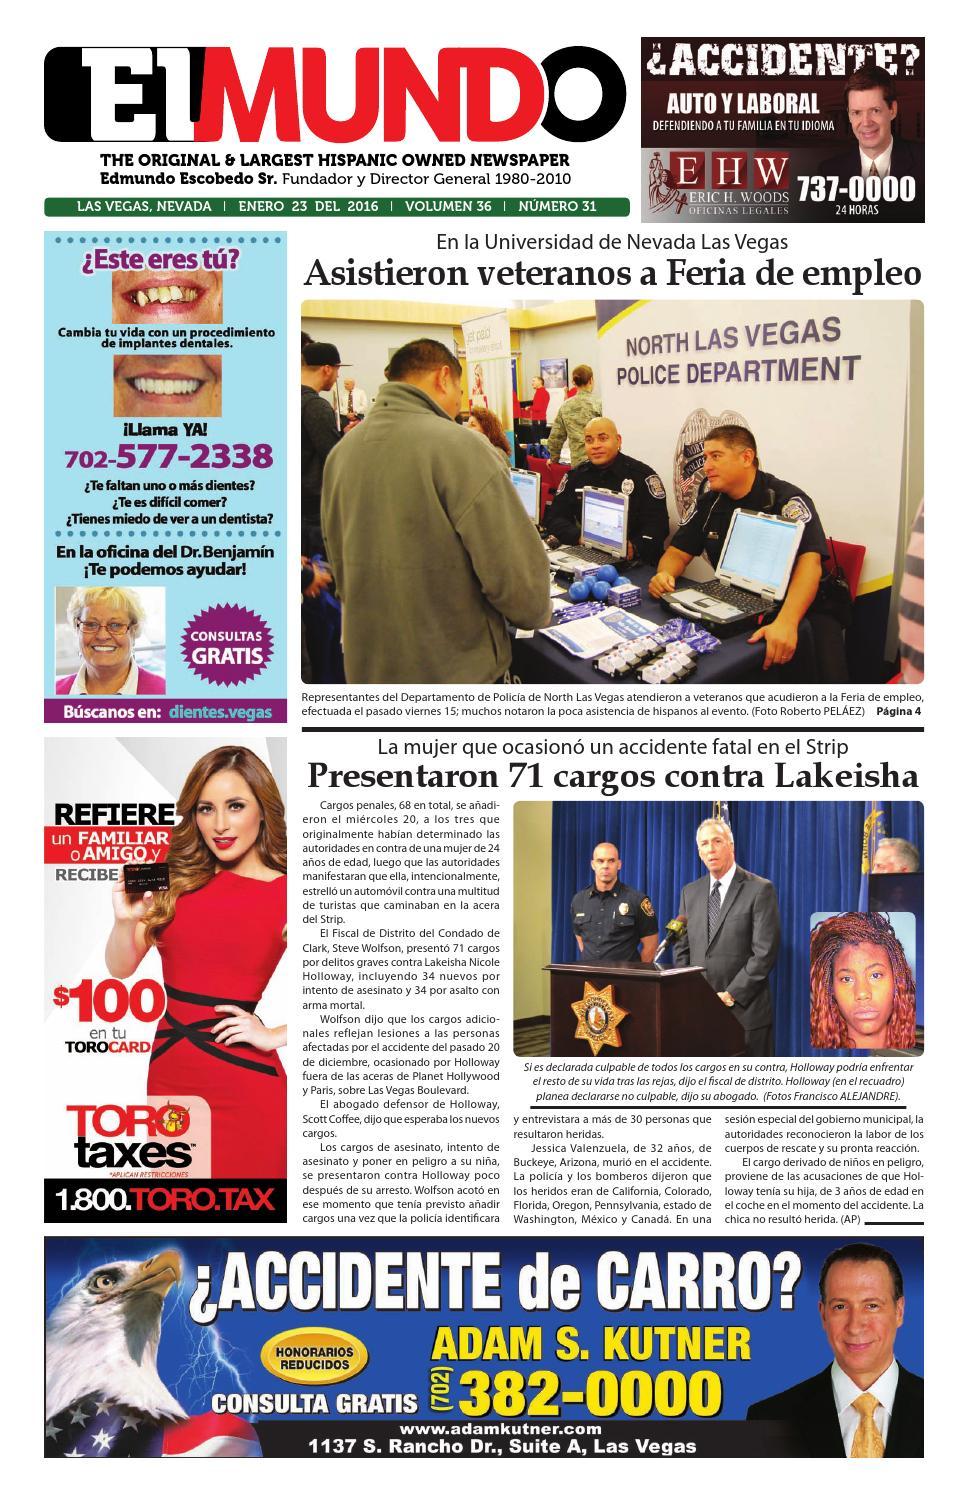 EM-LV 20160123 by El Mundo Ltd - issuu